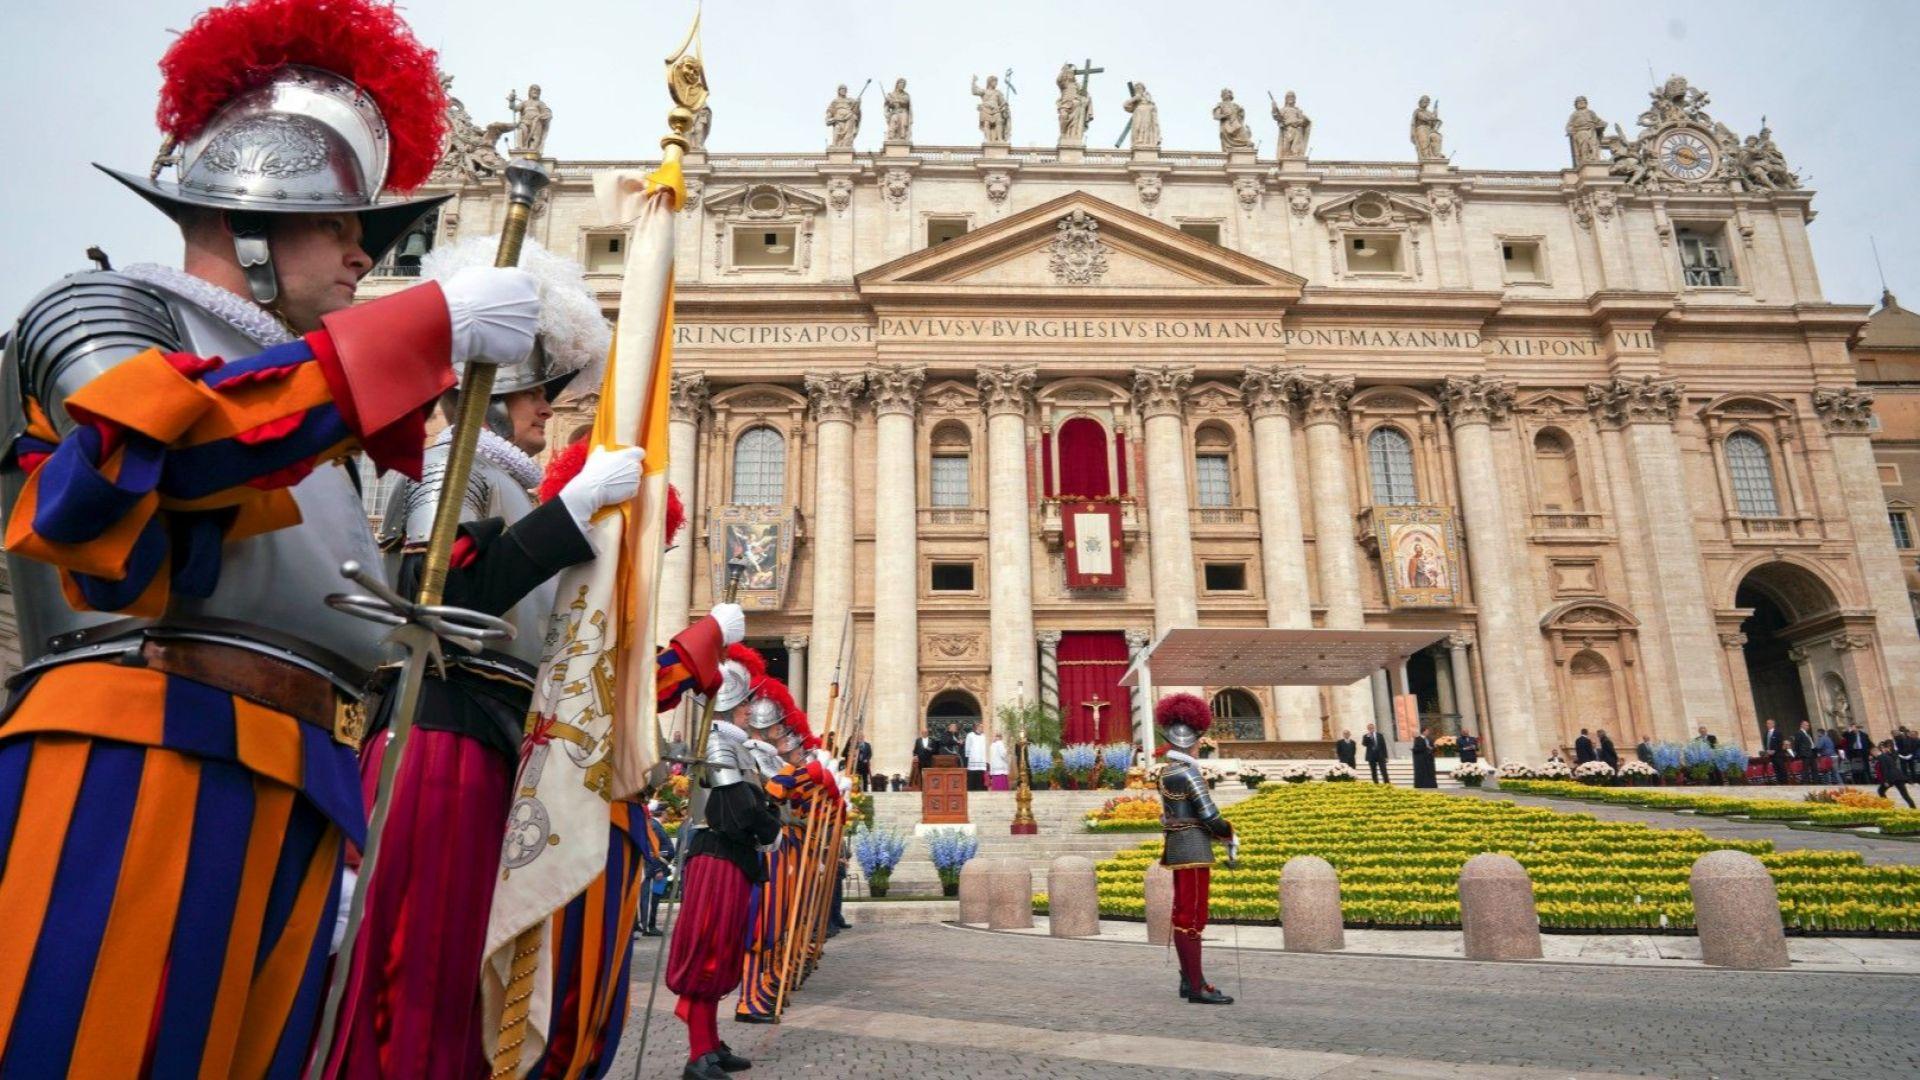 Те пазят папата: Безмилостни охранители, облечени като участници в пъстър карнавал